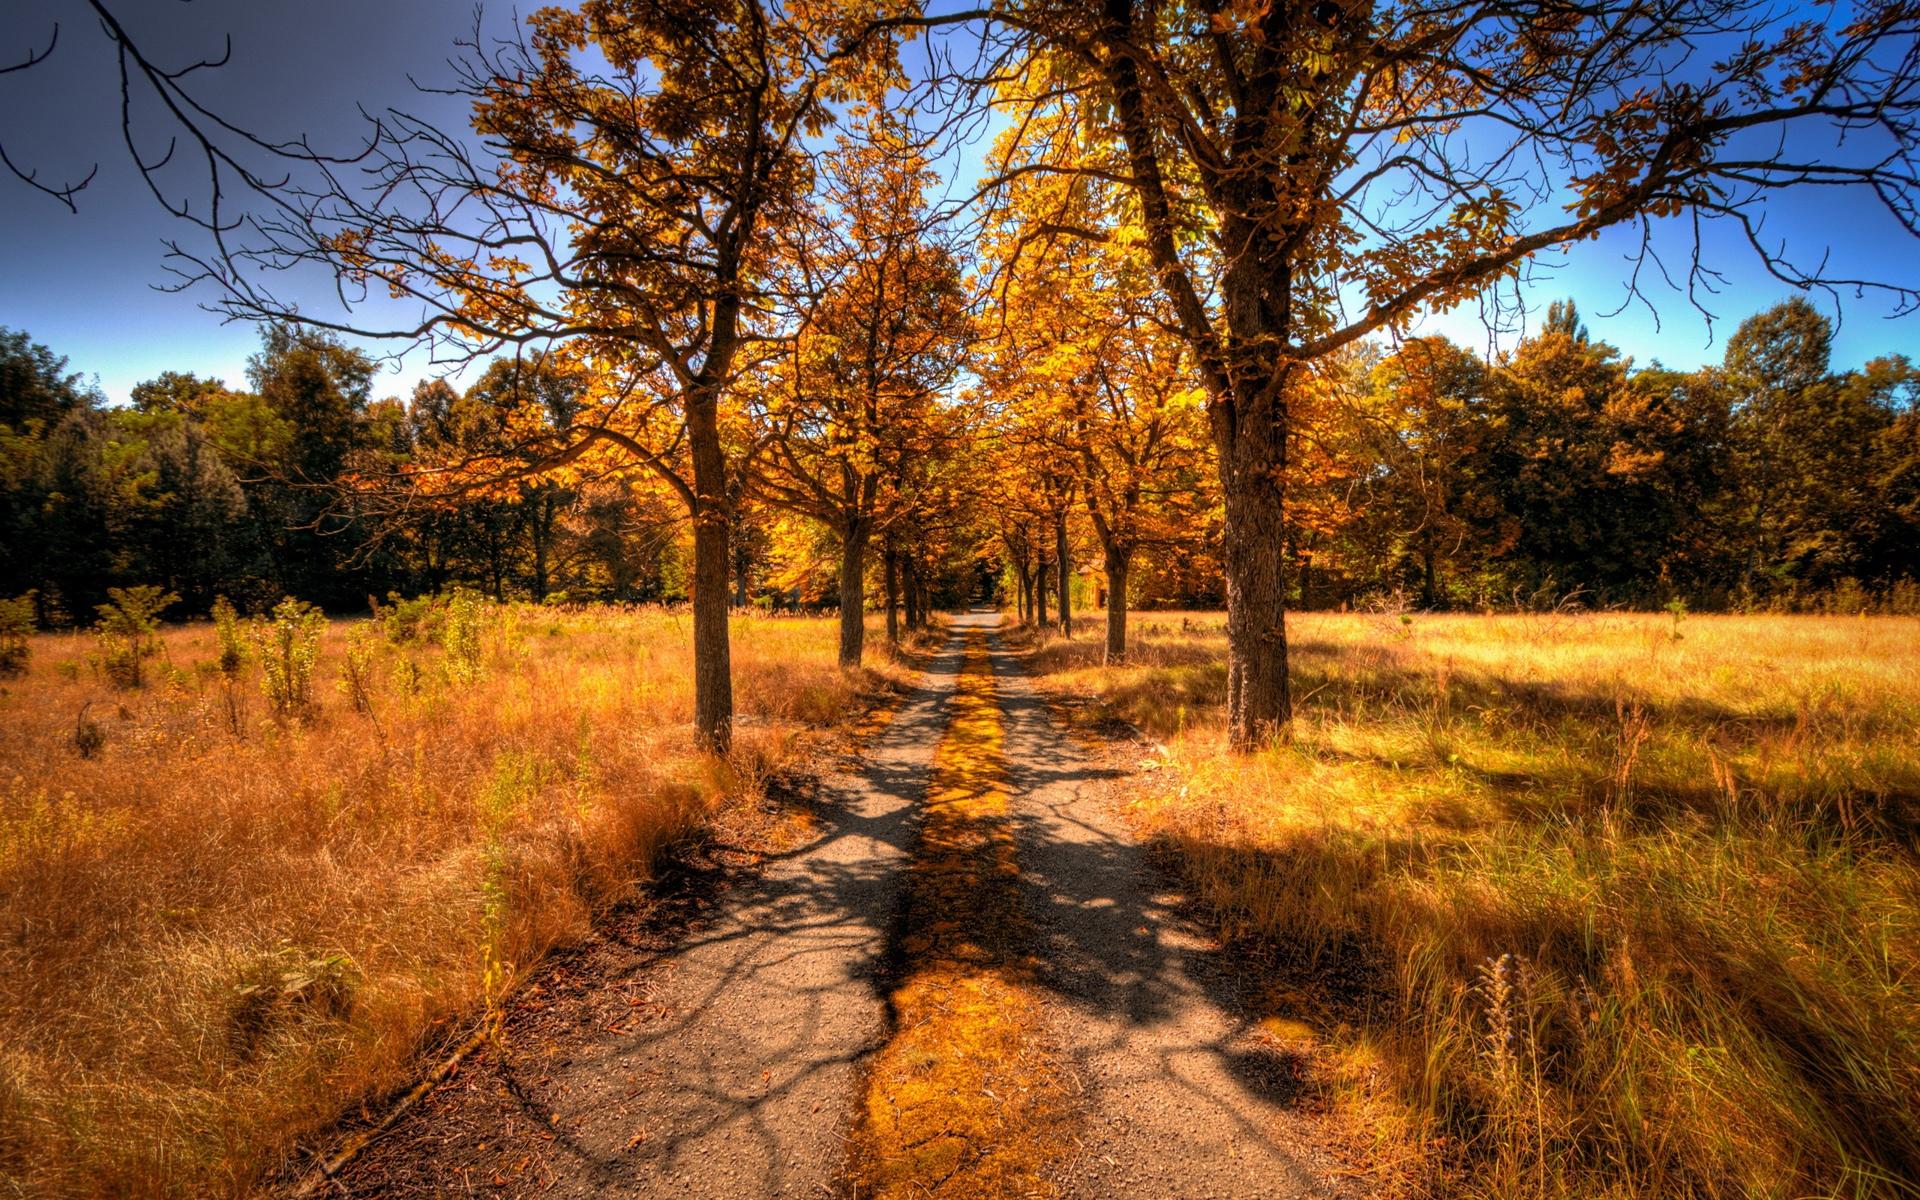 秋季树叶,景观的黄色和草,路壁纸图片百味v树叶赛图片